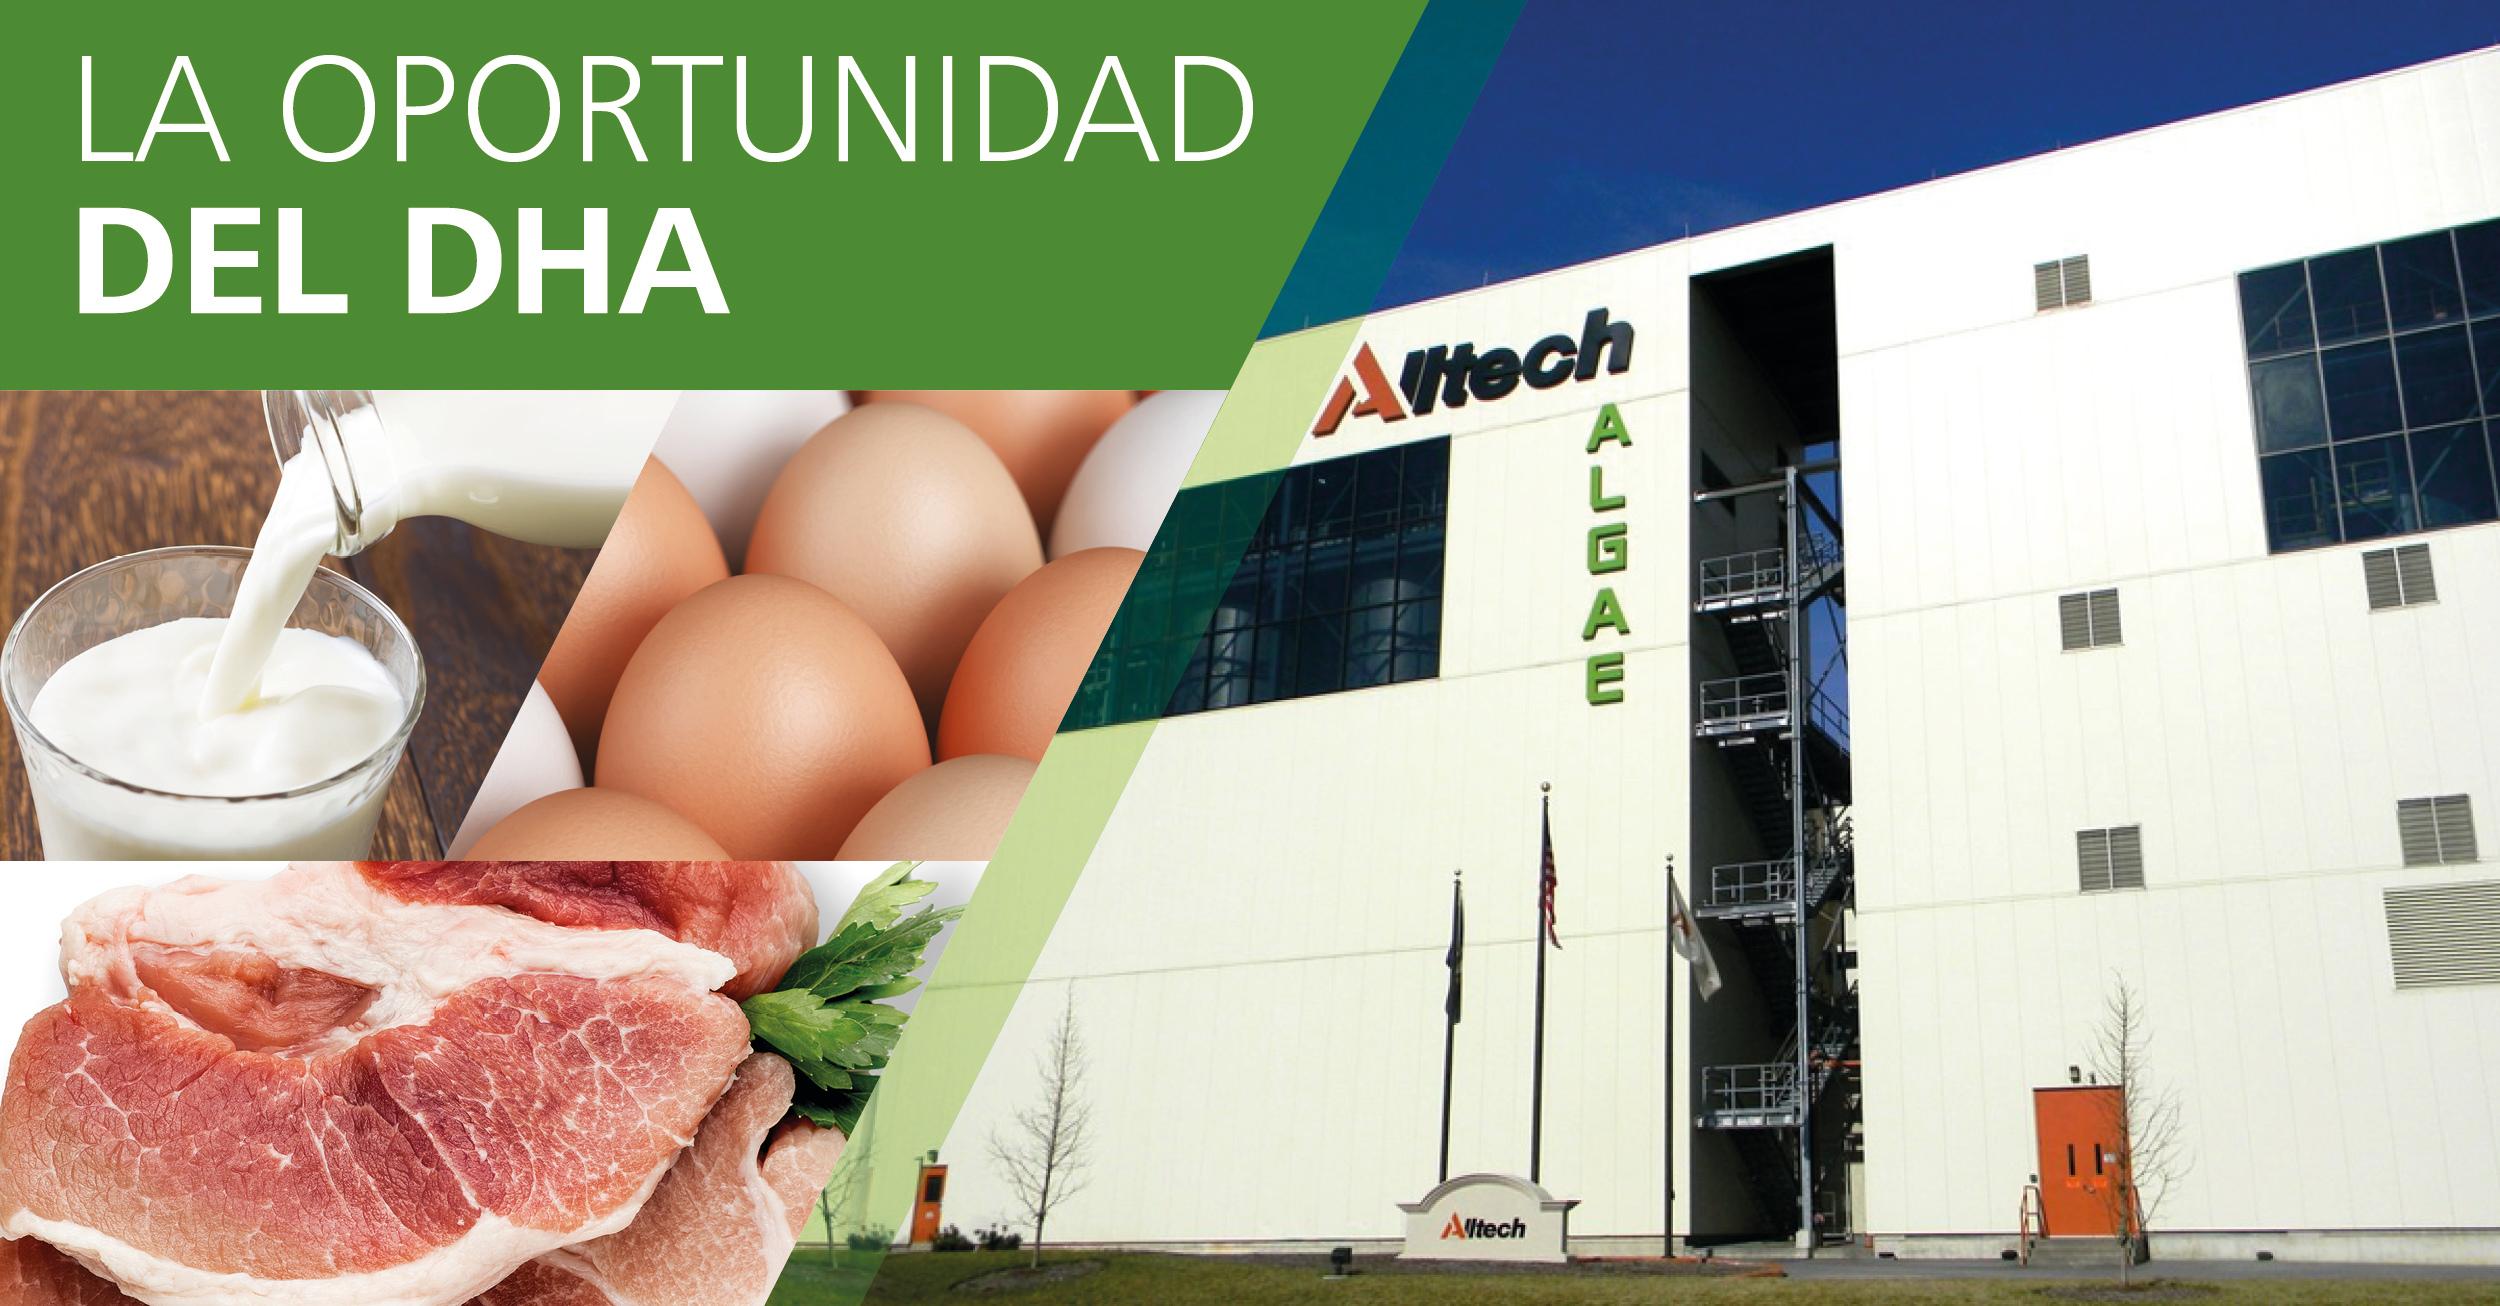 Productores podrán enriquecer la carne de cerdo, leche y huevos con DHA